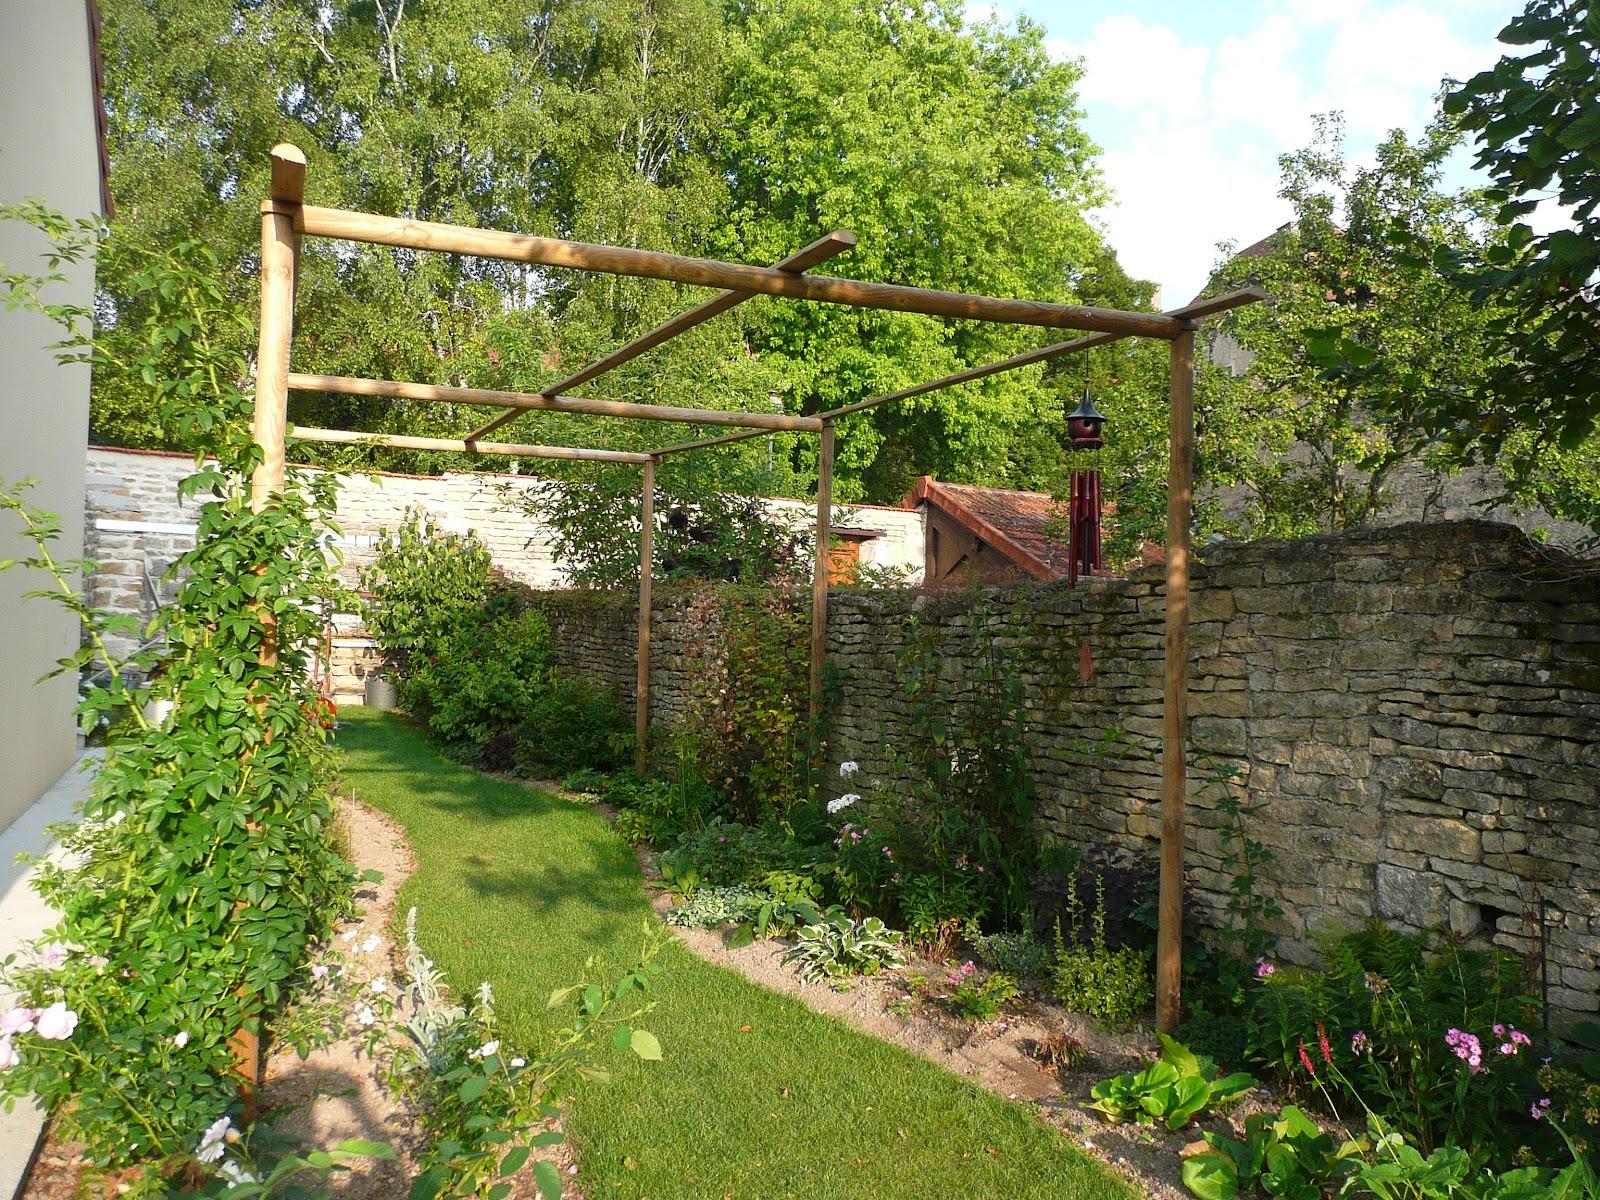 notre jardin secret c t jardin iii. Black Bedroom Furniture Sets. Home Design Ideas